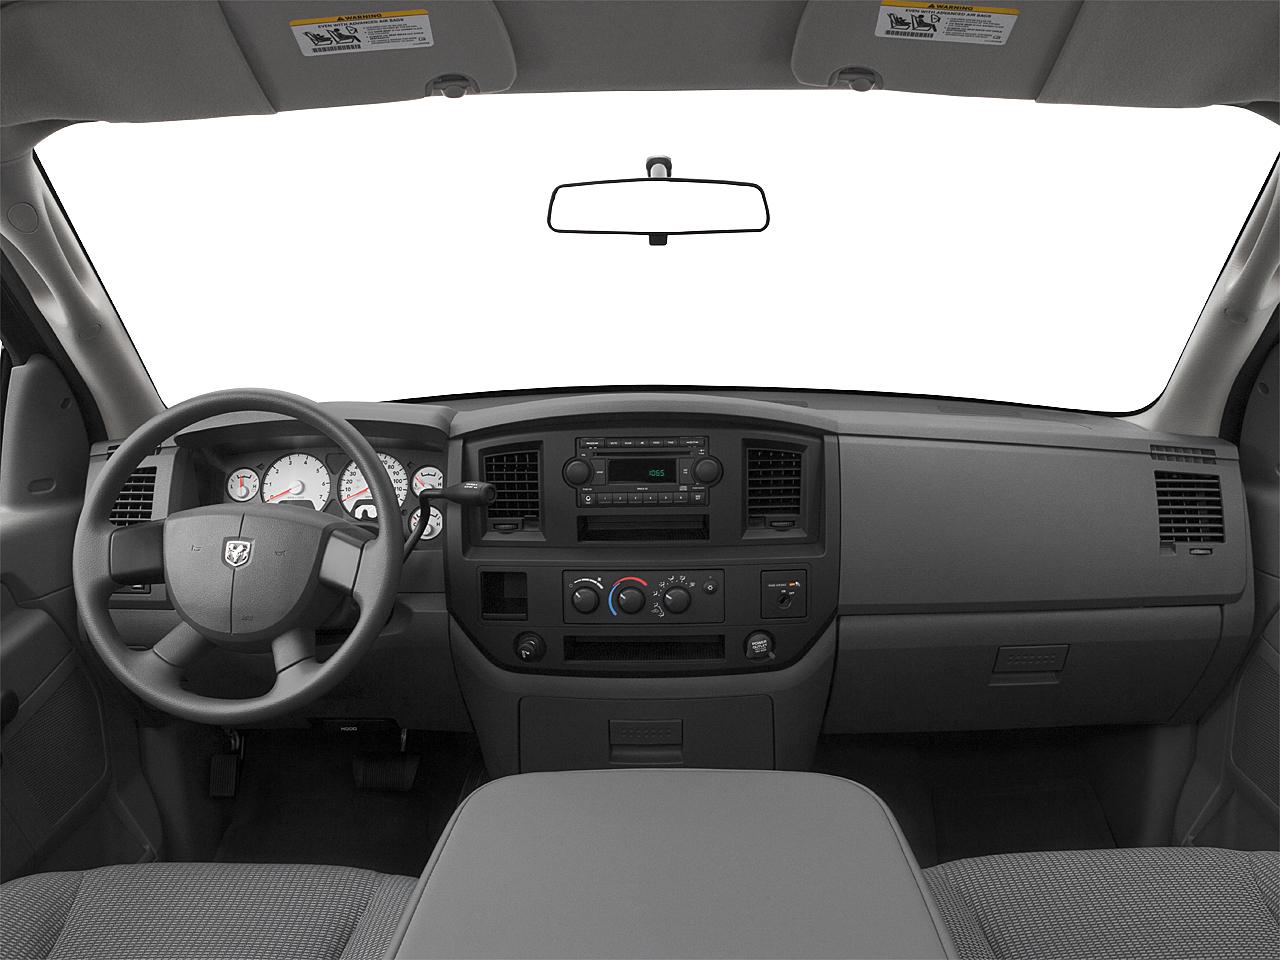 2007 dodge ram pickup 1500 st 2dr regular cab lb research groovecar. Black Bedroom Furniture Sets. Home Design Ideas